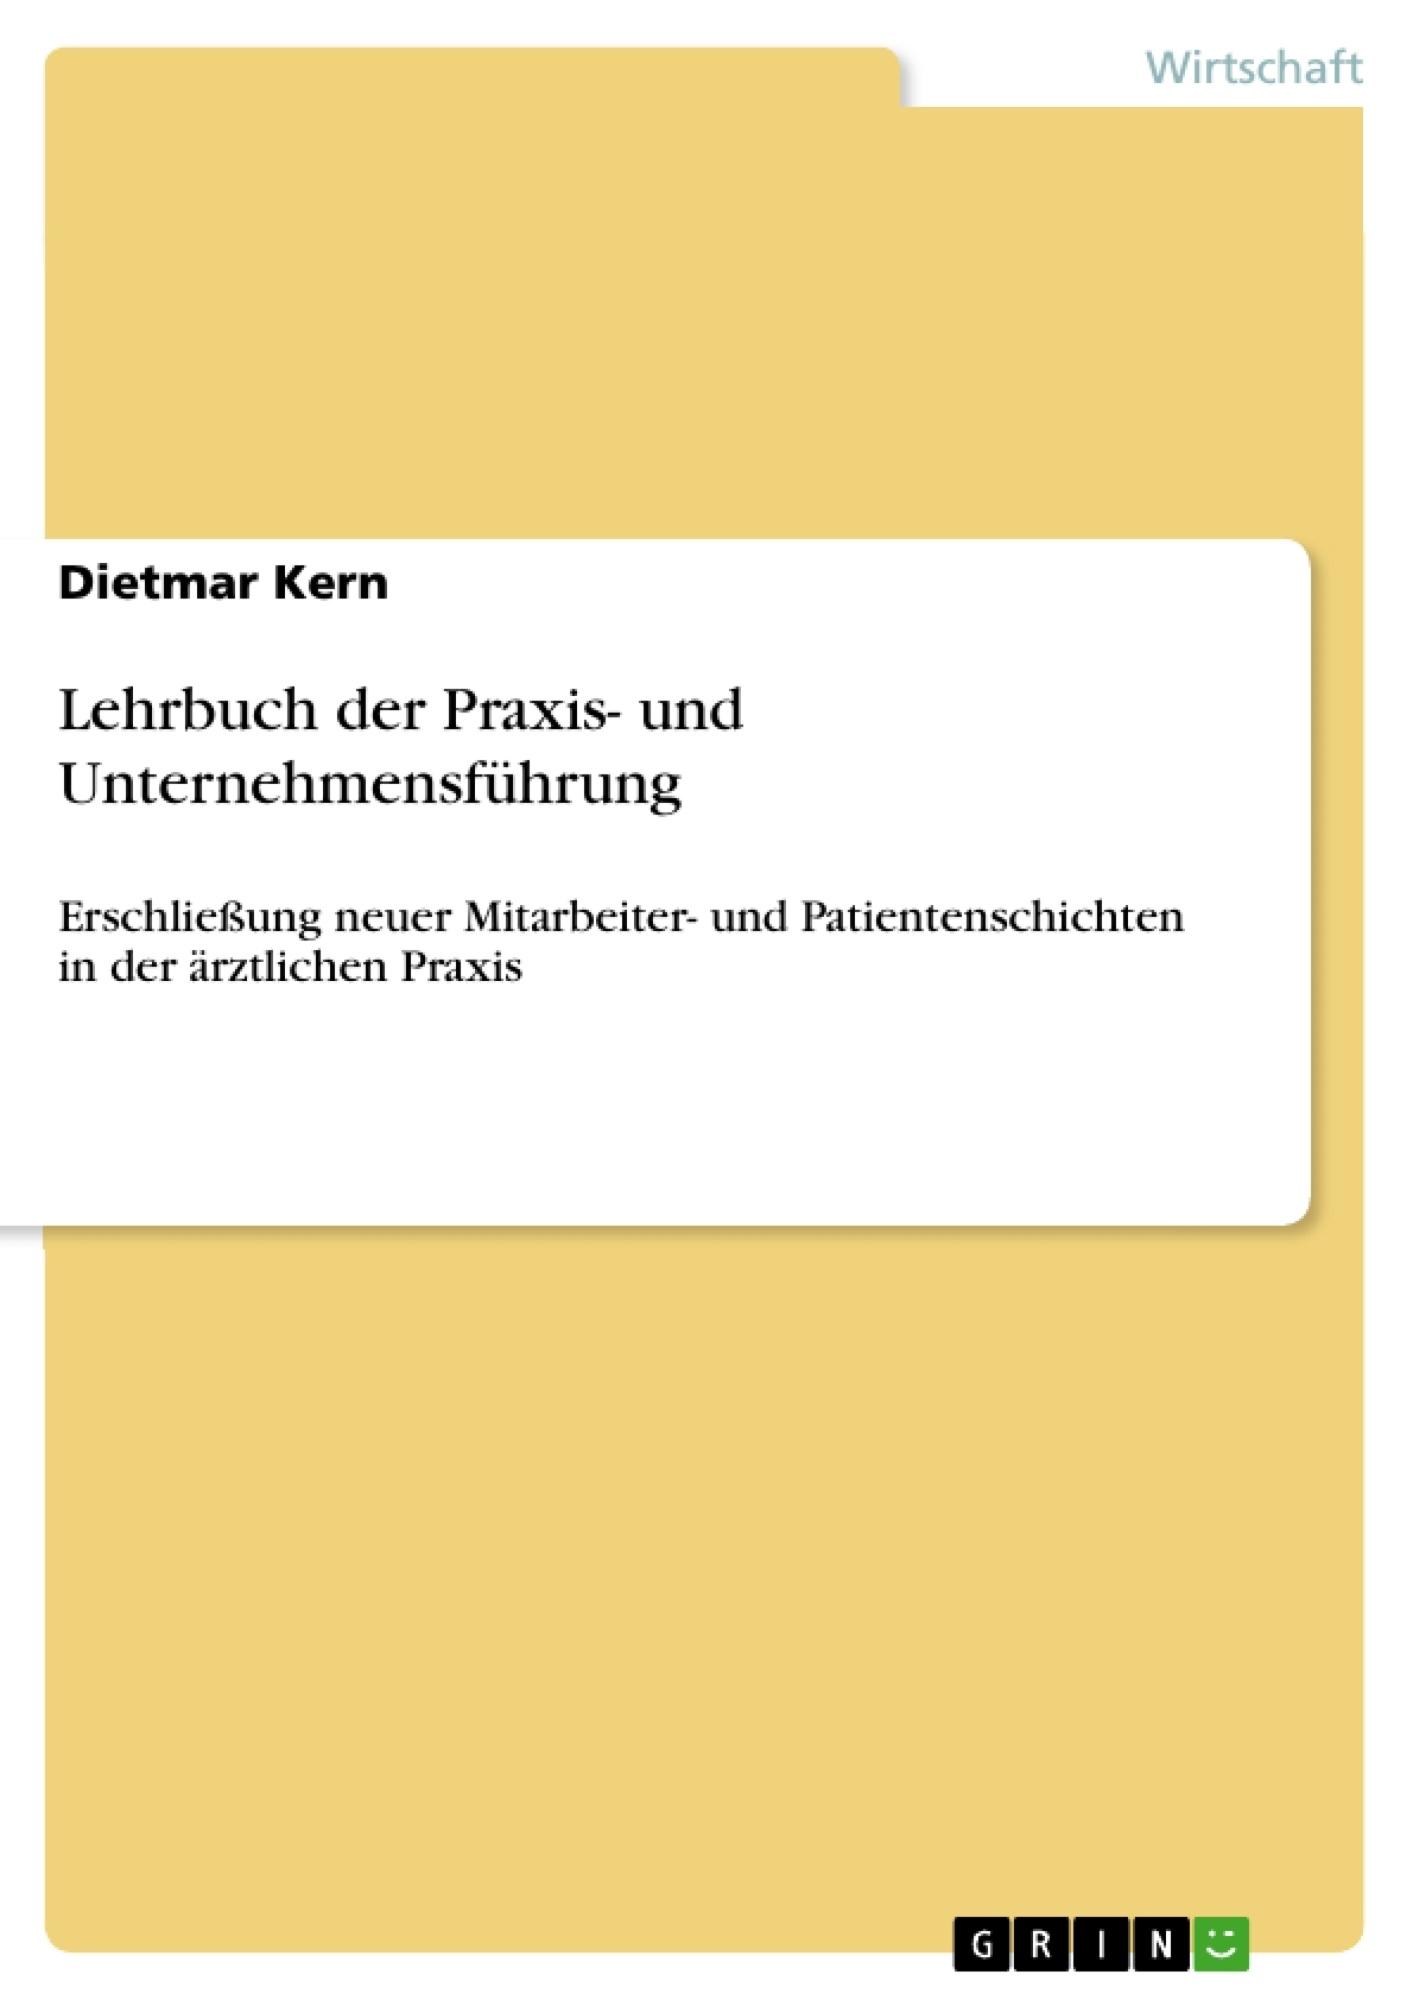 Titel: Lehrbuch der Praxis- und Unternehmensführung